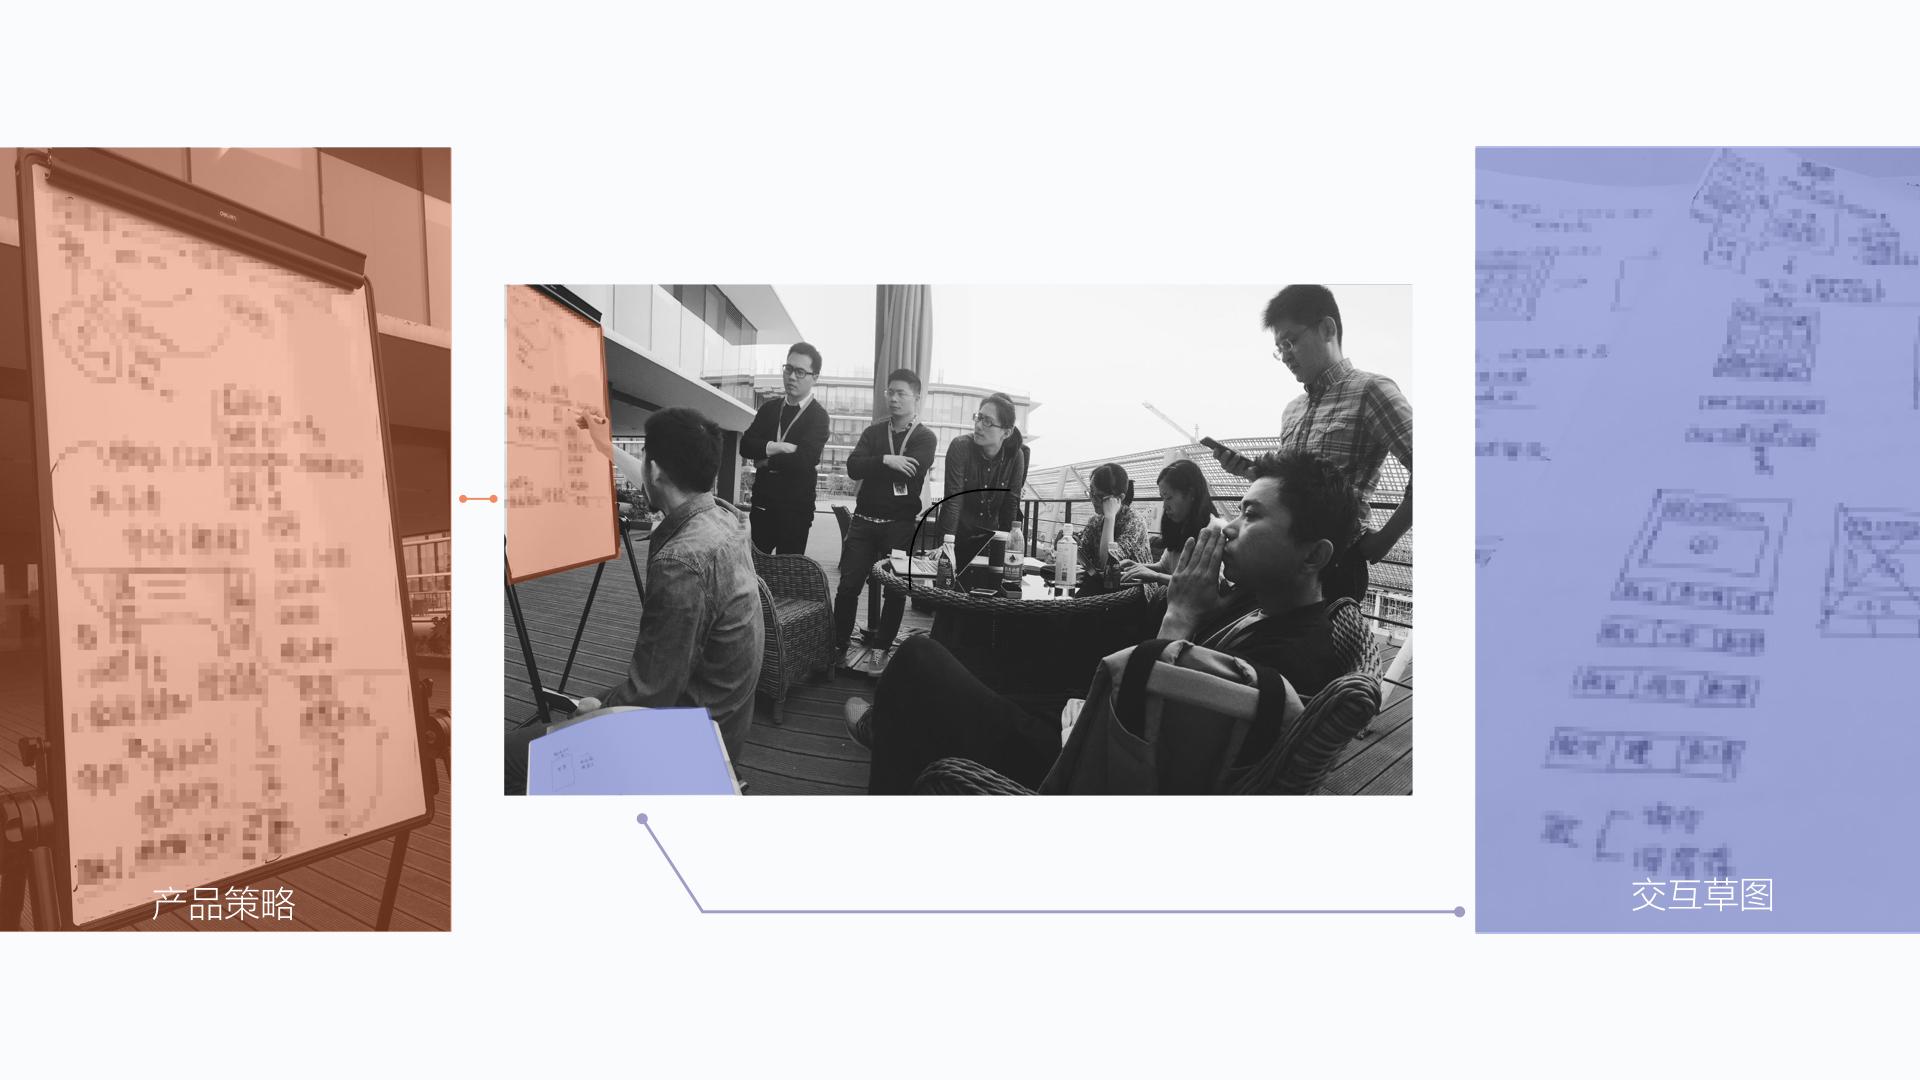 创业公司中,设计师如何提高自己的设计能力?